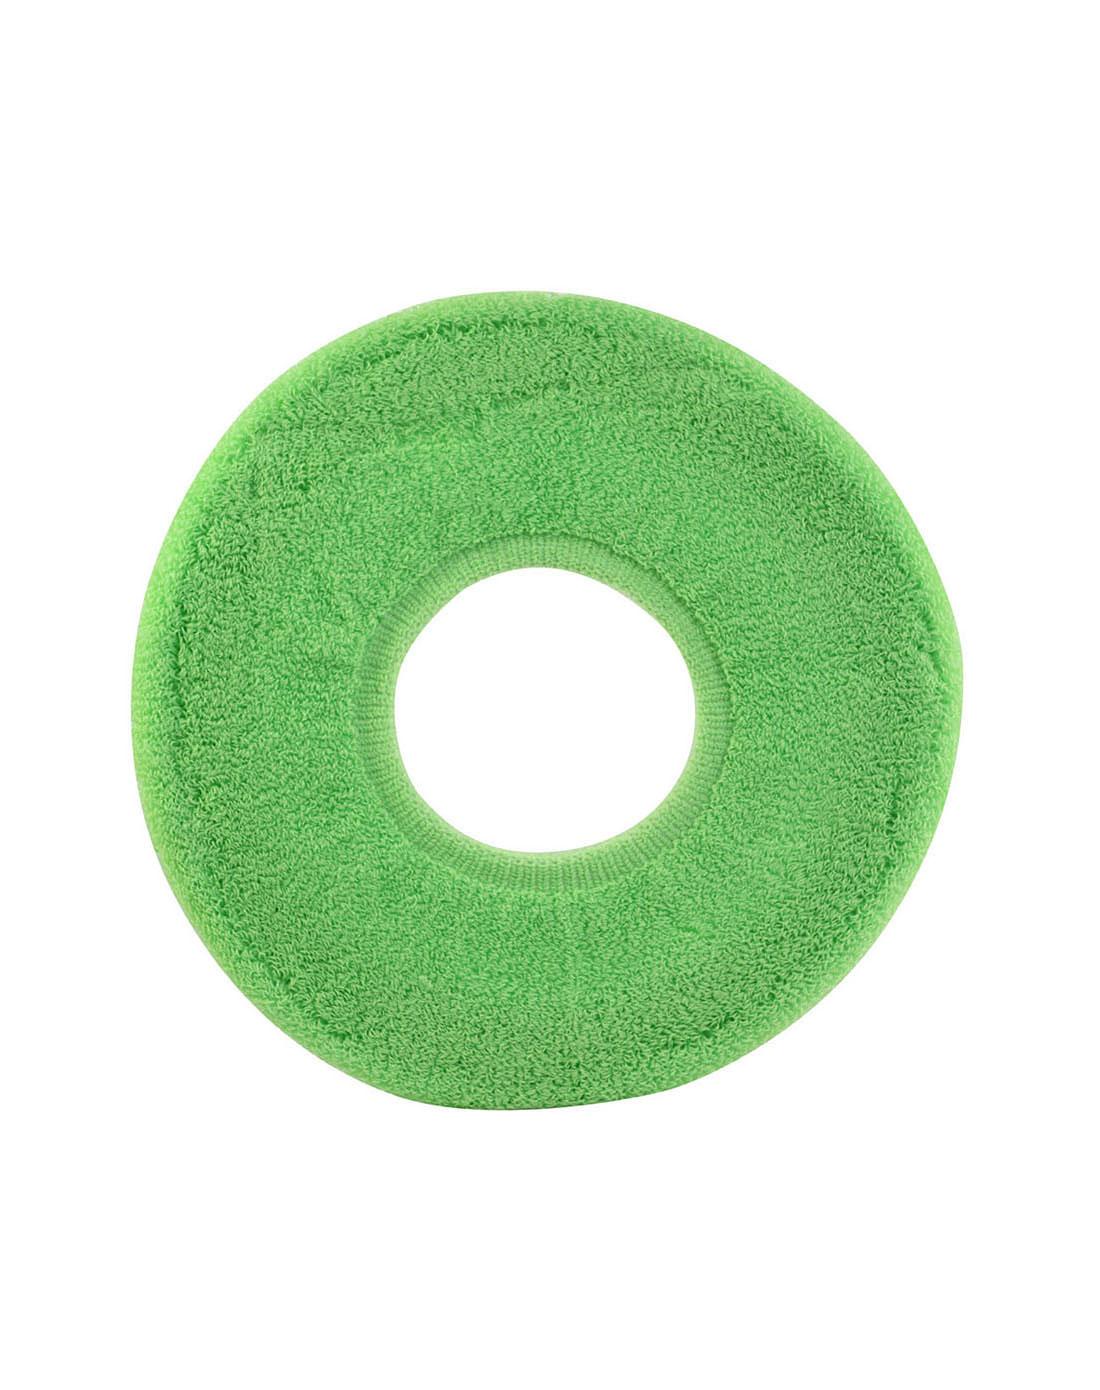 最生活a-life绿色马桶坐垫